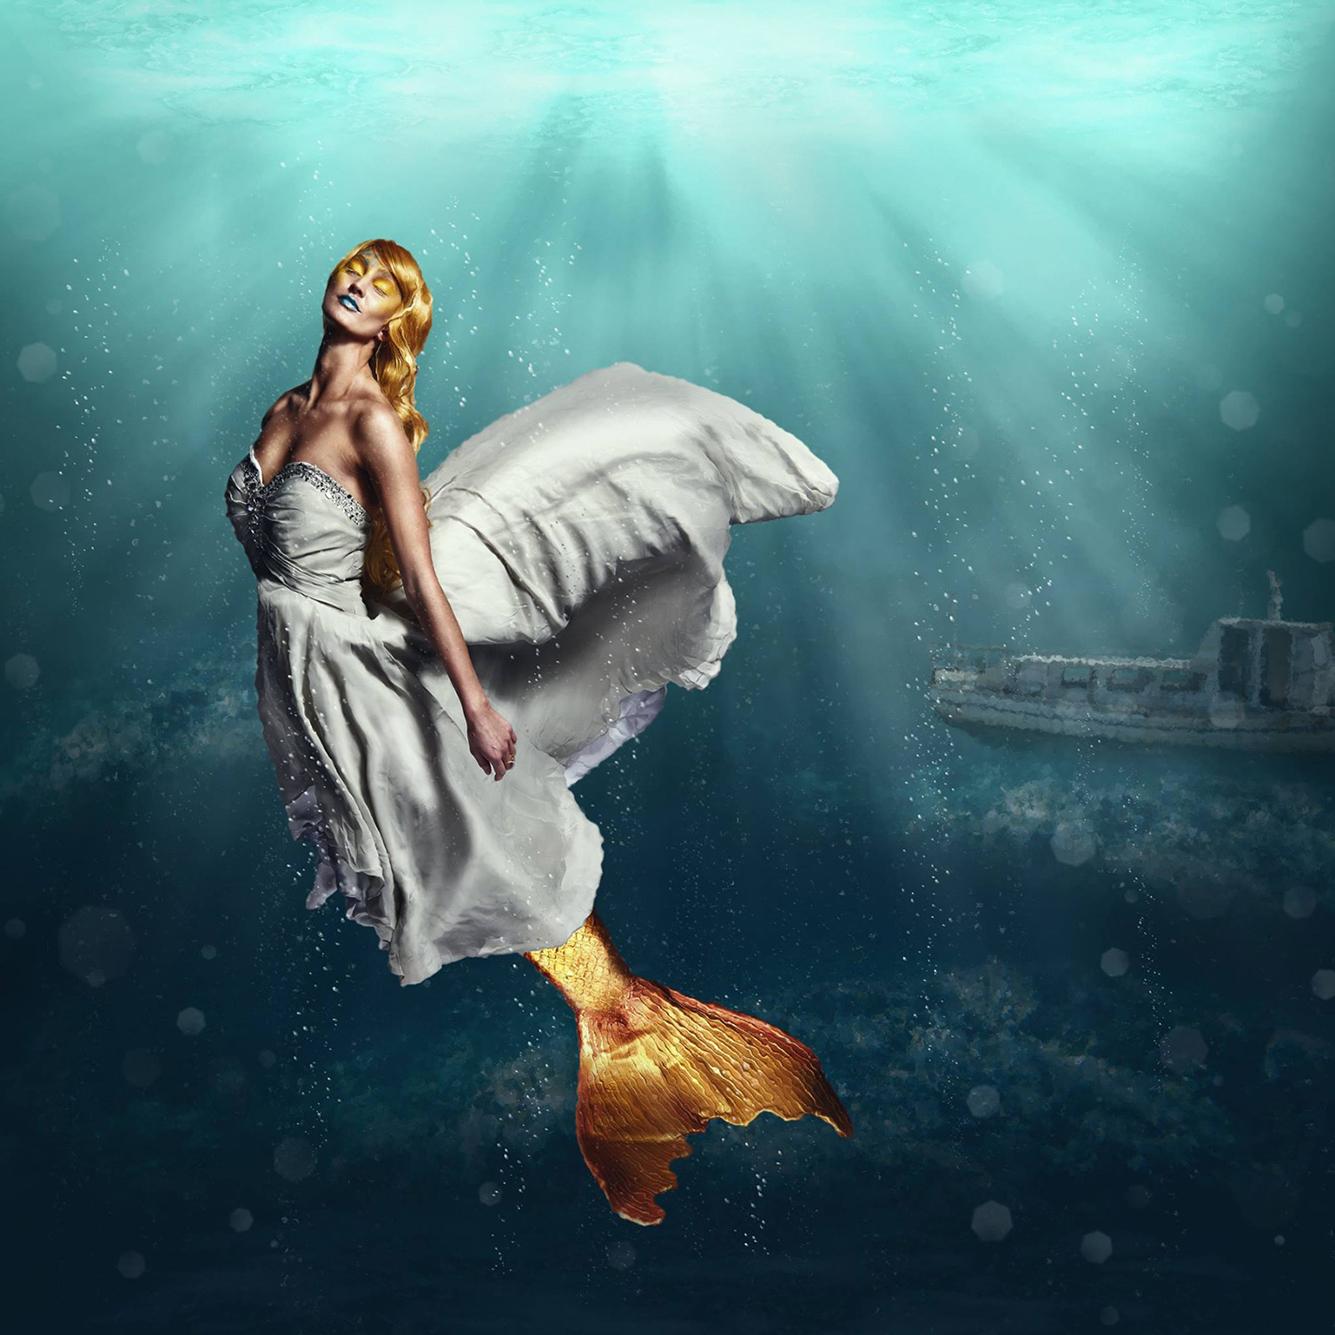 Malou Reedorf Fashion Mermaid